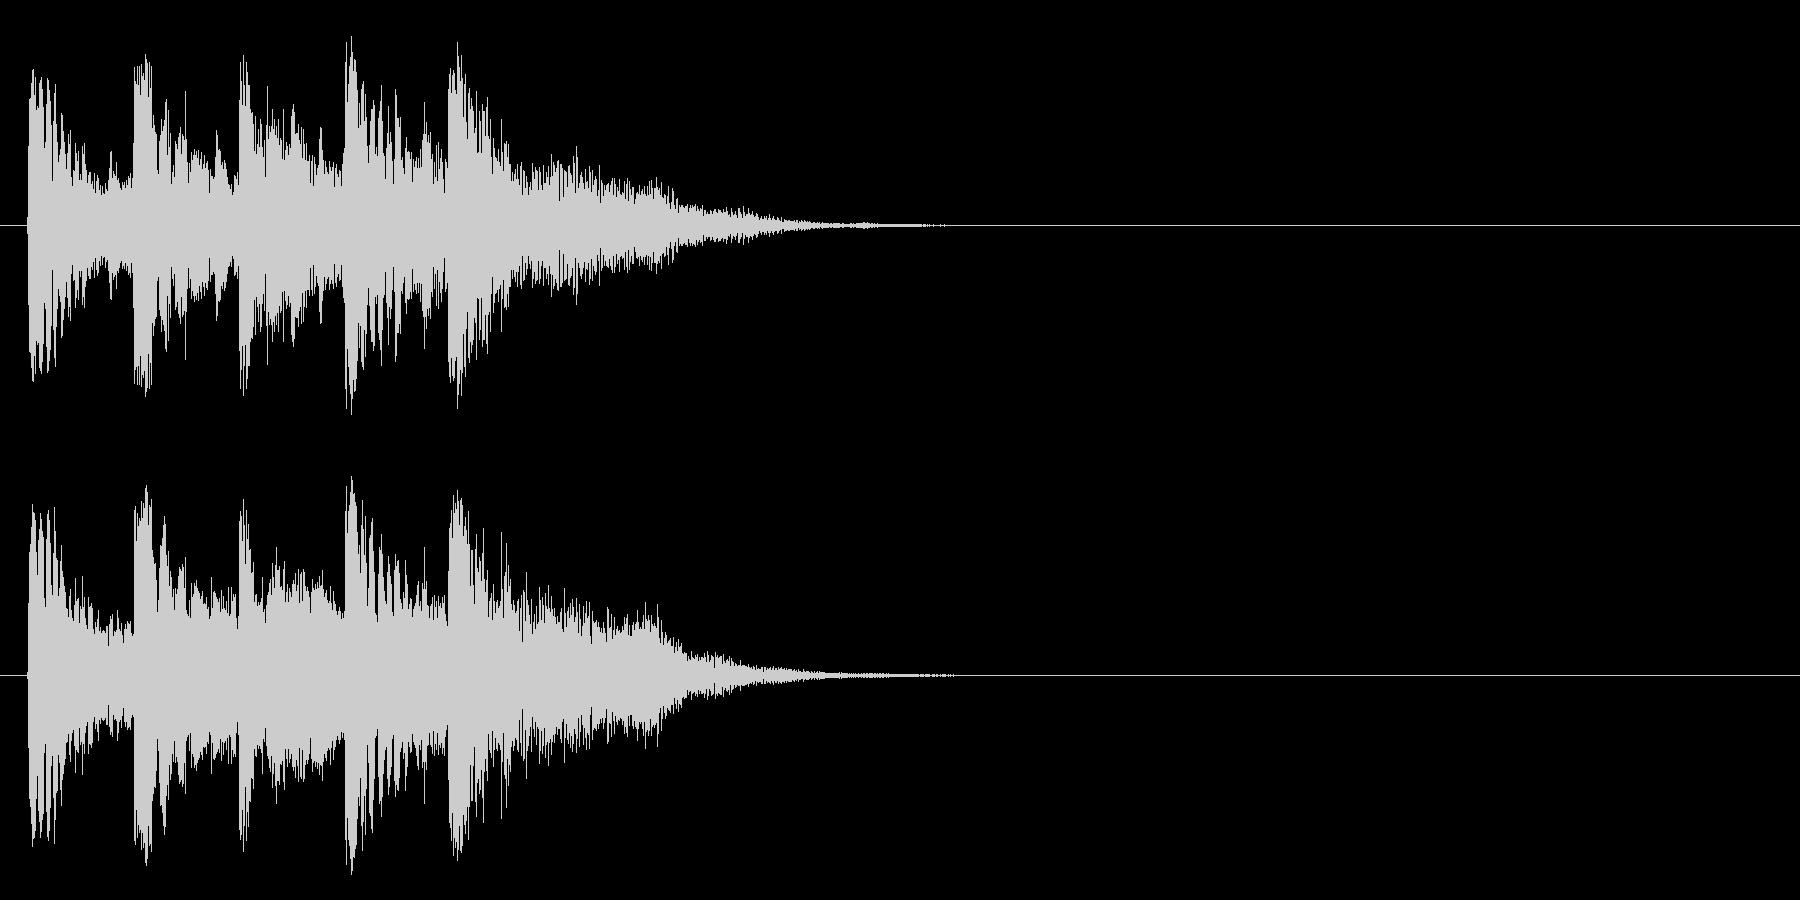 ジングル/アタック(ポップ/マイナー)の未再生の波形